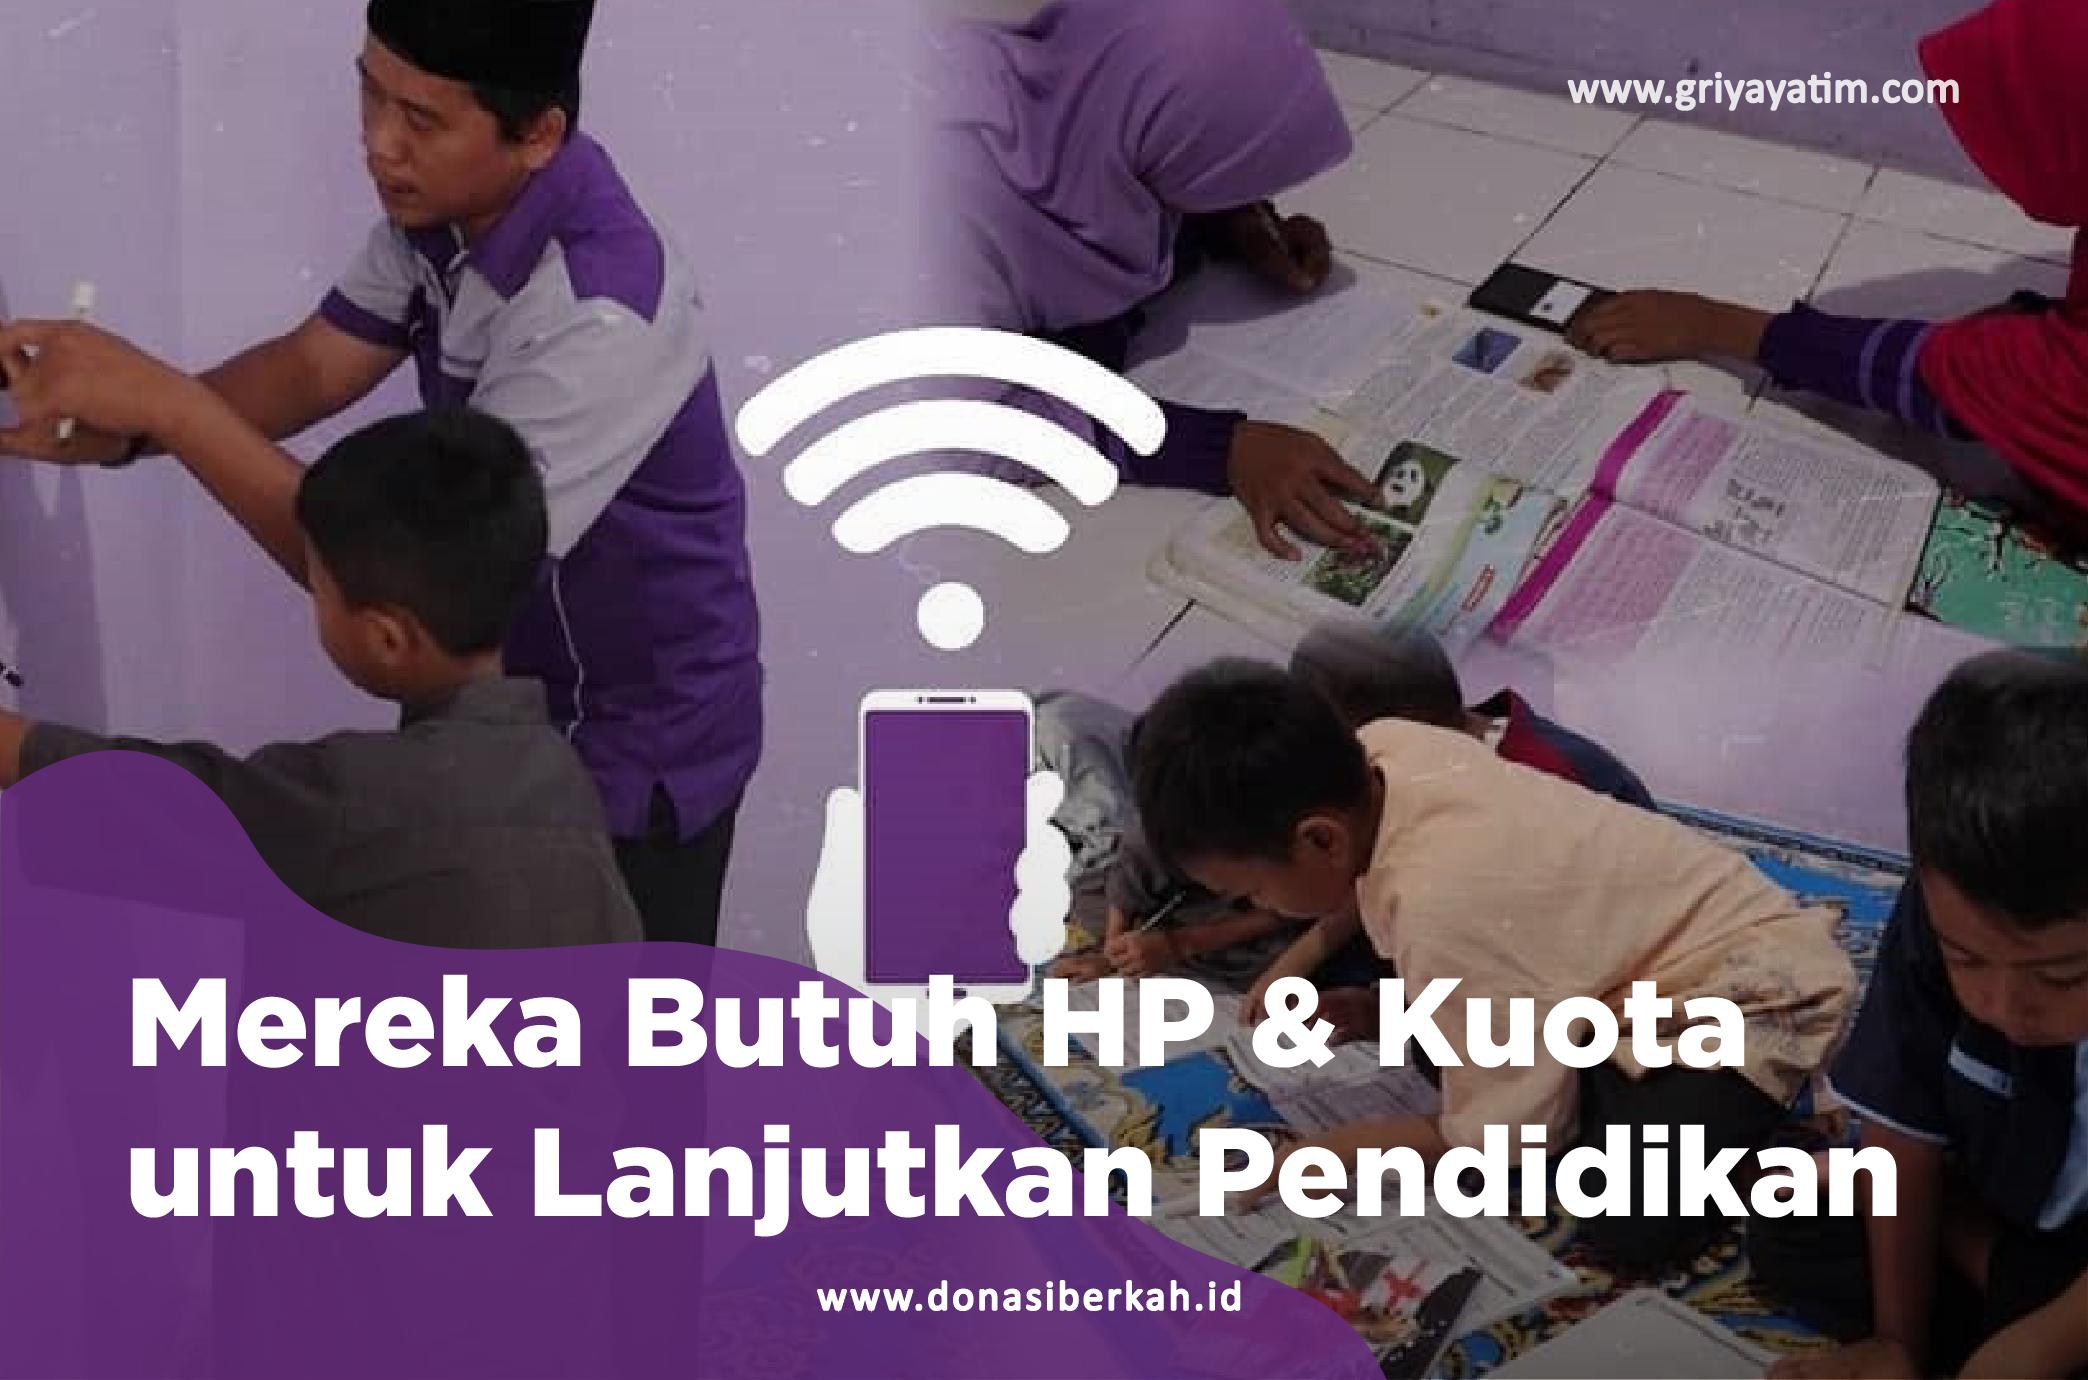 Mereka Butuh HP & Kuota untuk Lanjutkan Pendidikan